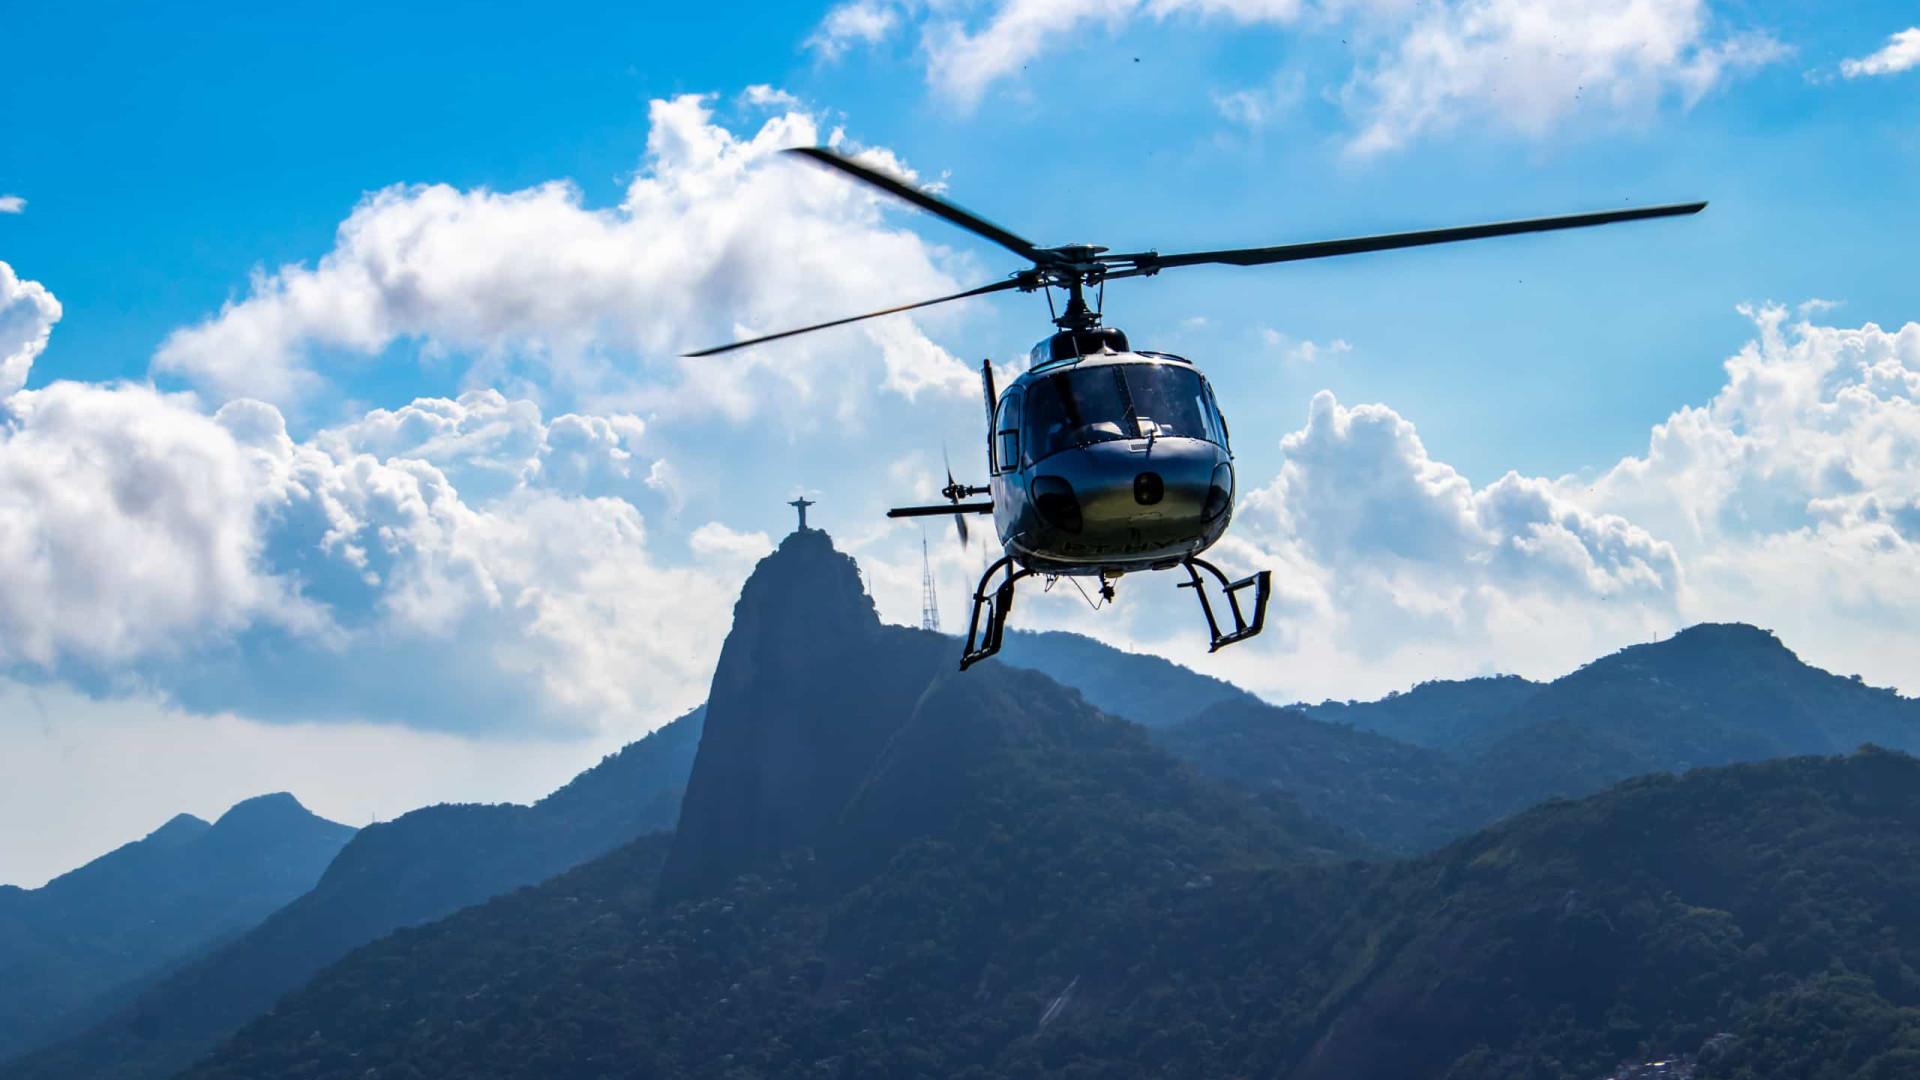 Polícia do Rio identifica três supostos envolvidos em sequestro de helicóptero